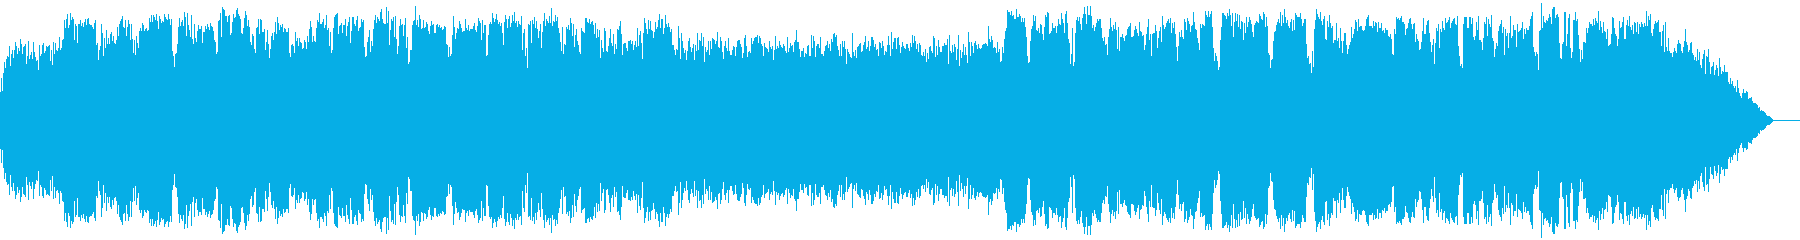 低音の竹笛とシンセサイザーの瞑想音楽の再生済みの波形